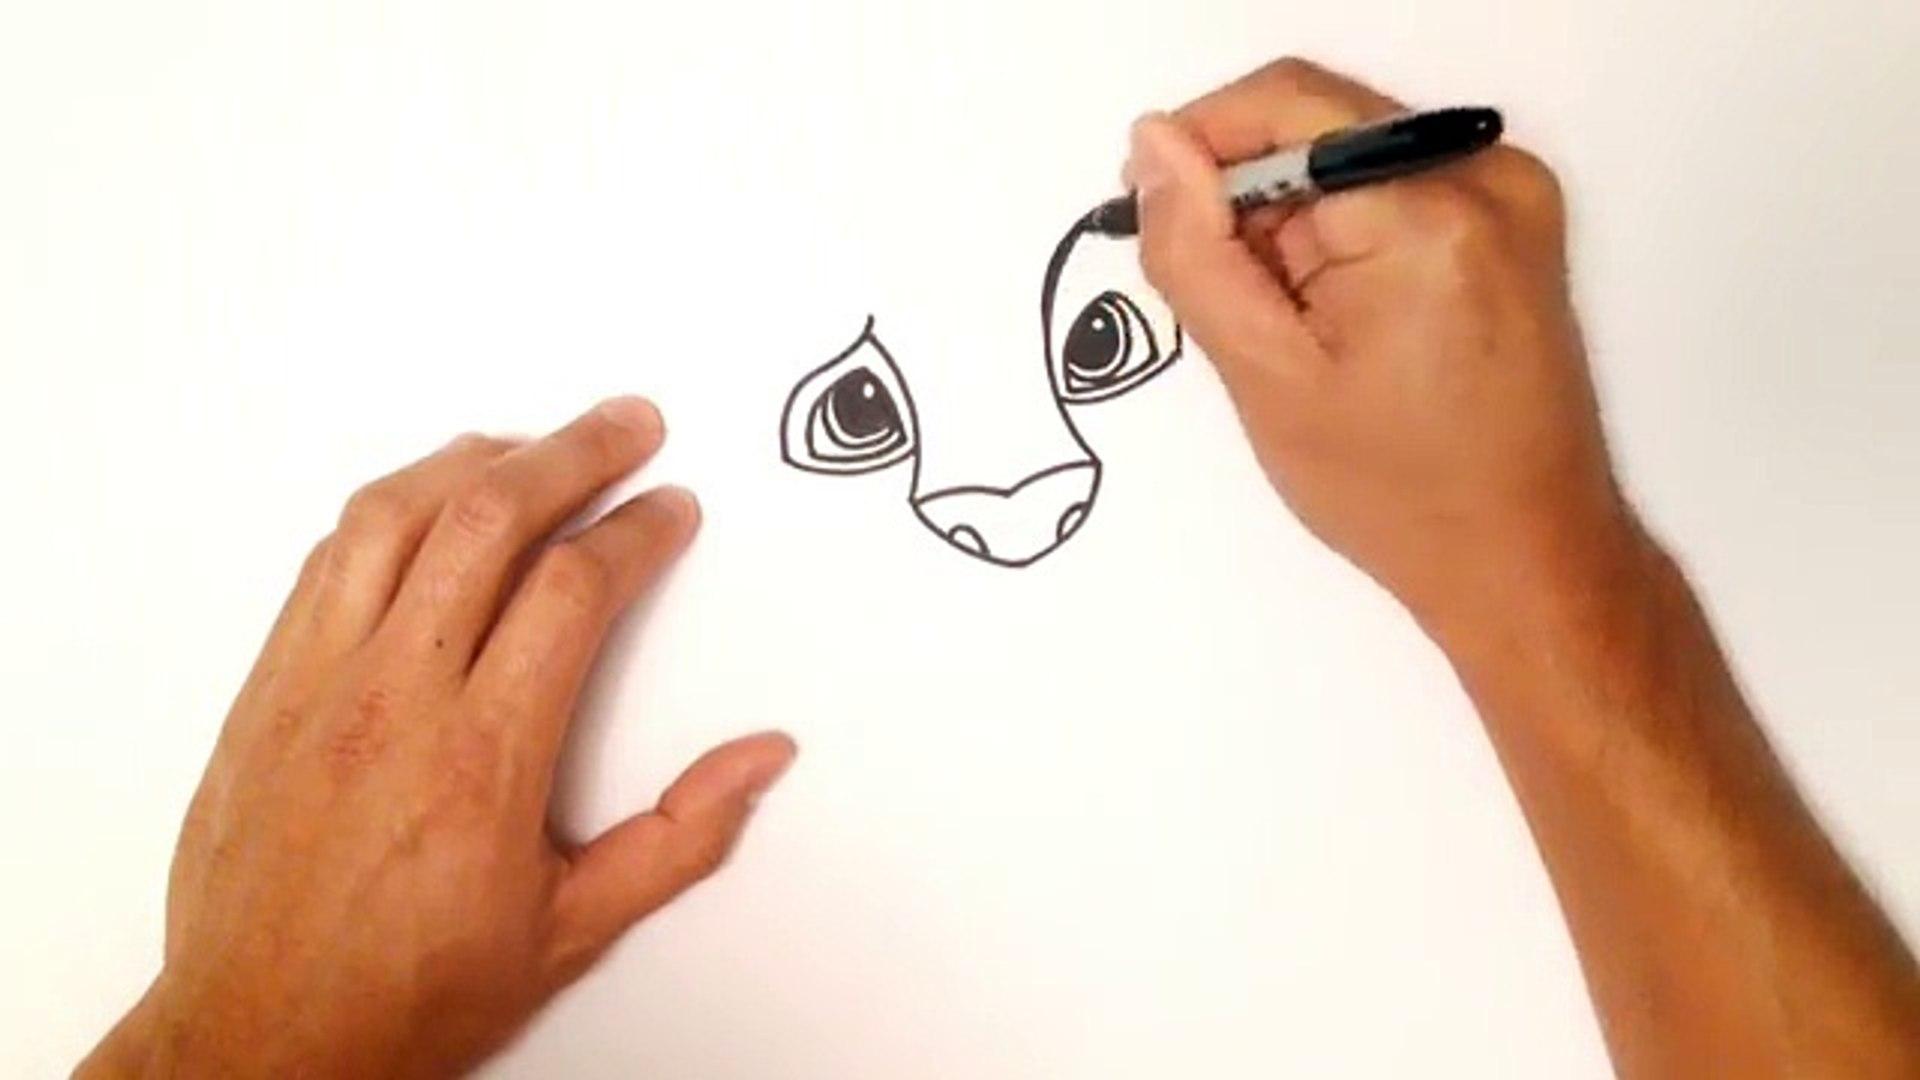 Dessiner Dessin Facile Pour Comment Enfants Cours A Il Simba Etape Par Etape Video Dailymotion